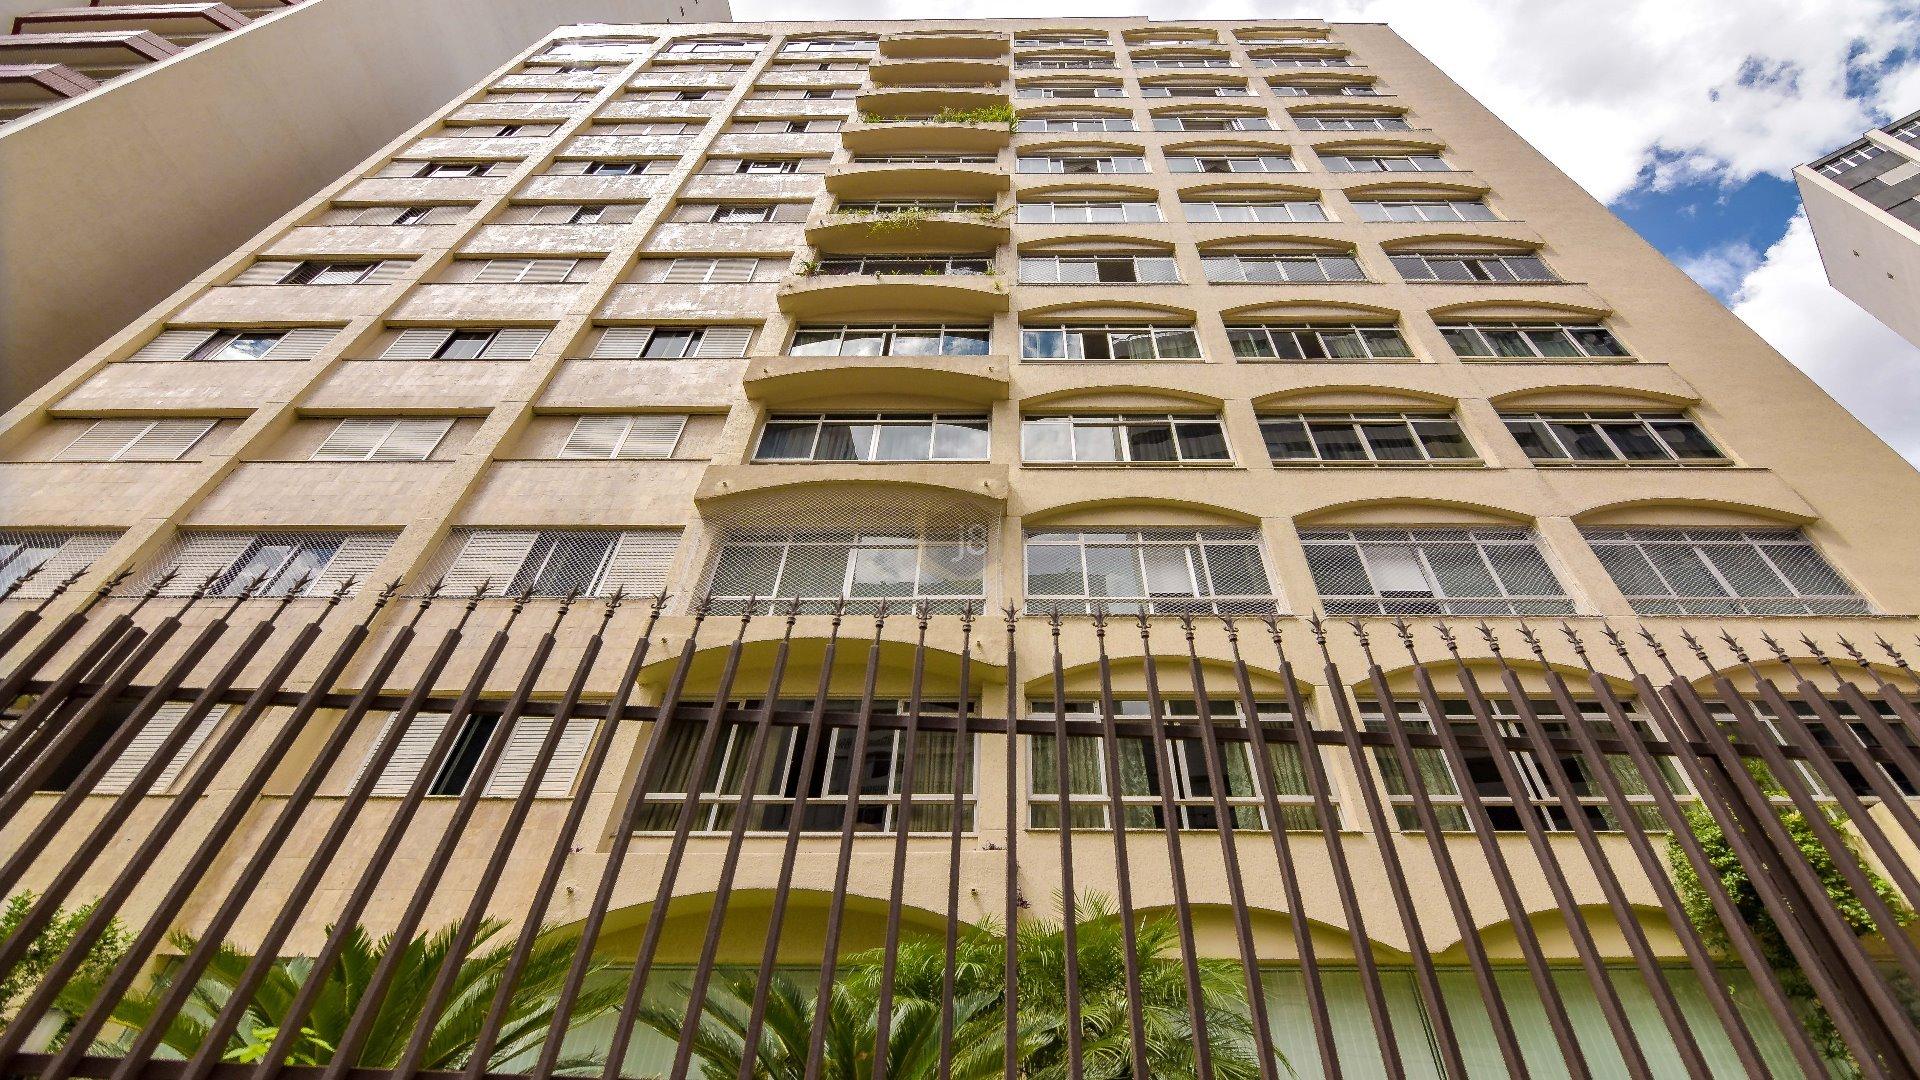 Foto de destaque Amplo apartamento, 4 dormitórios no batel !